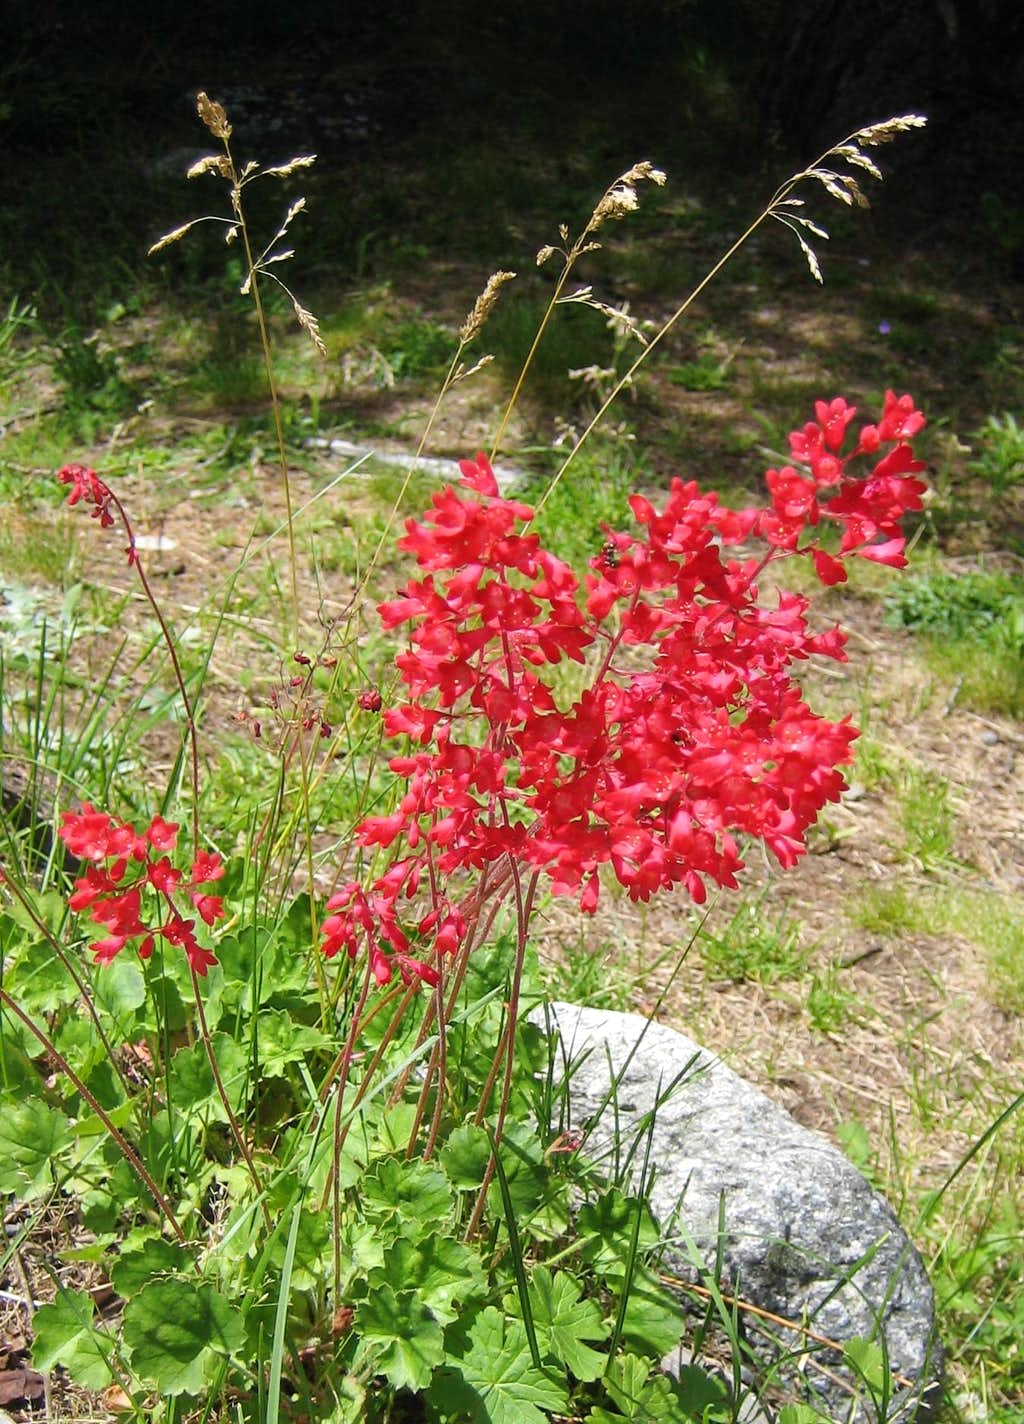 Geranium on the way to the Monzino Hut